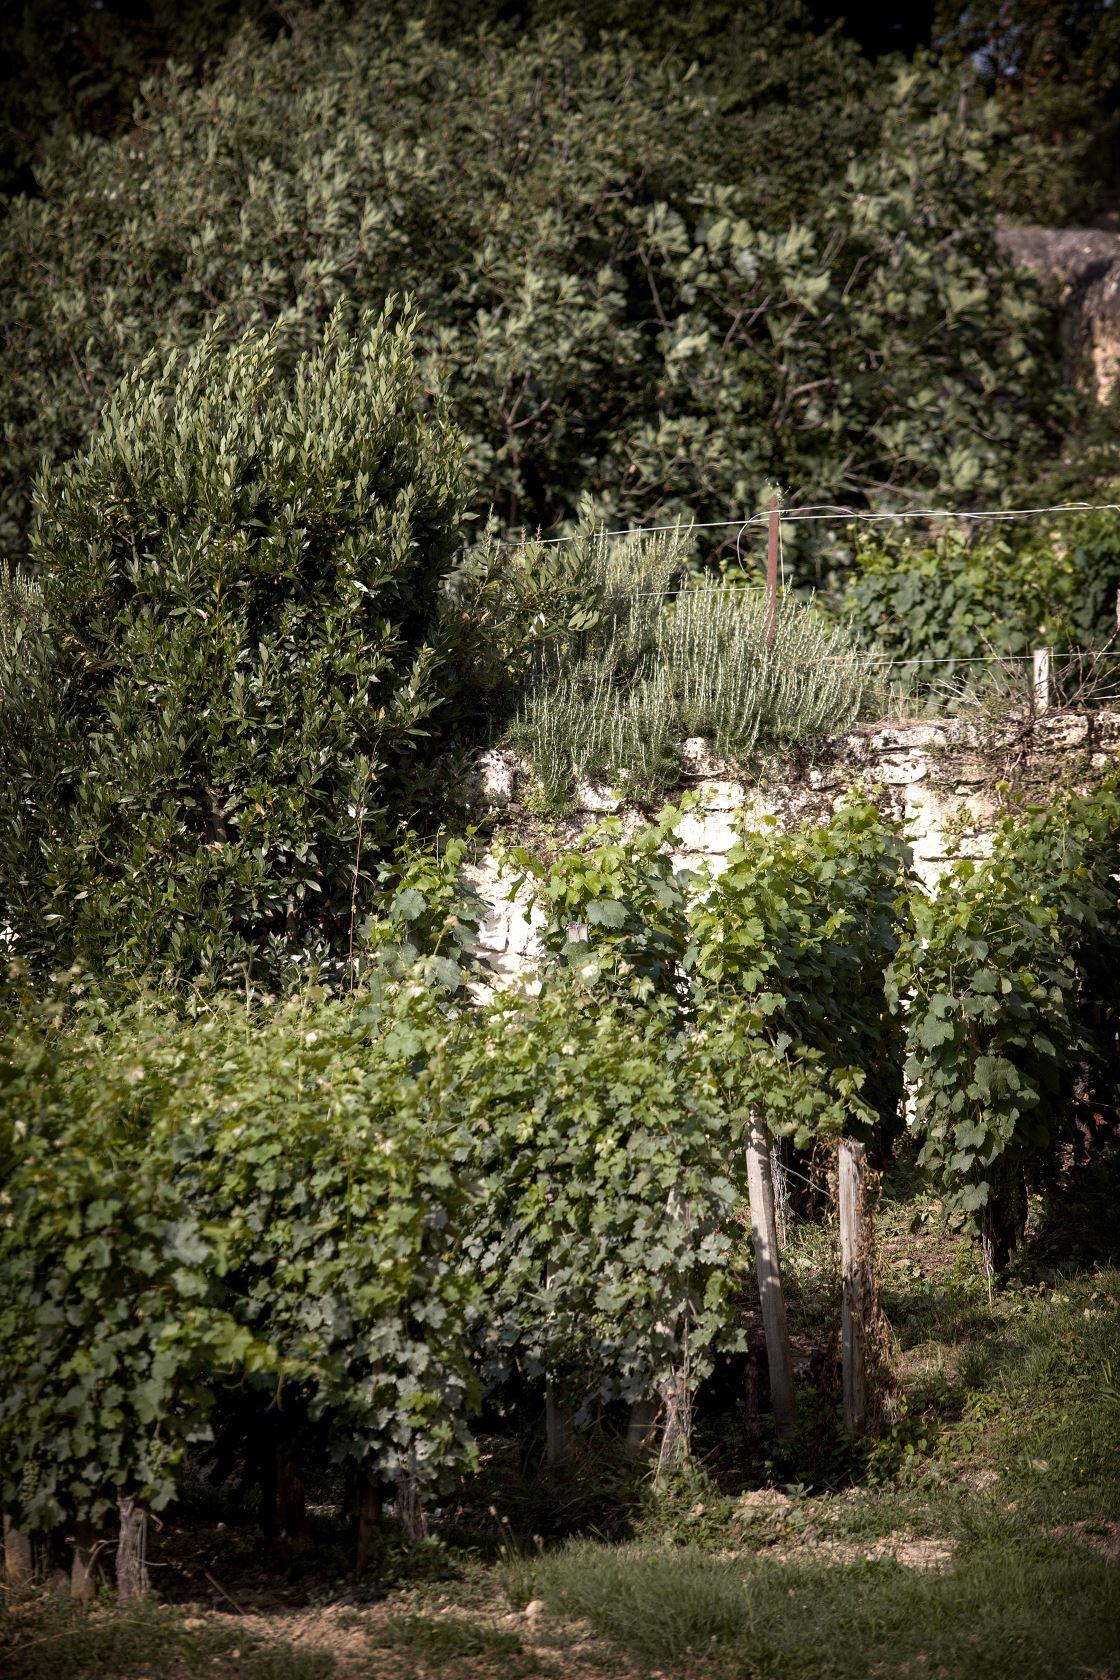 Ecosysteme château Ausone